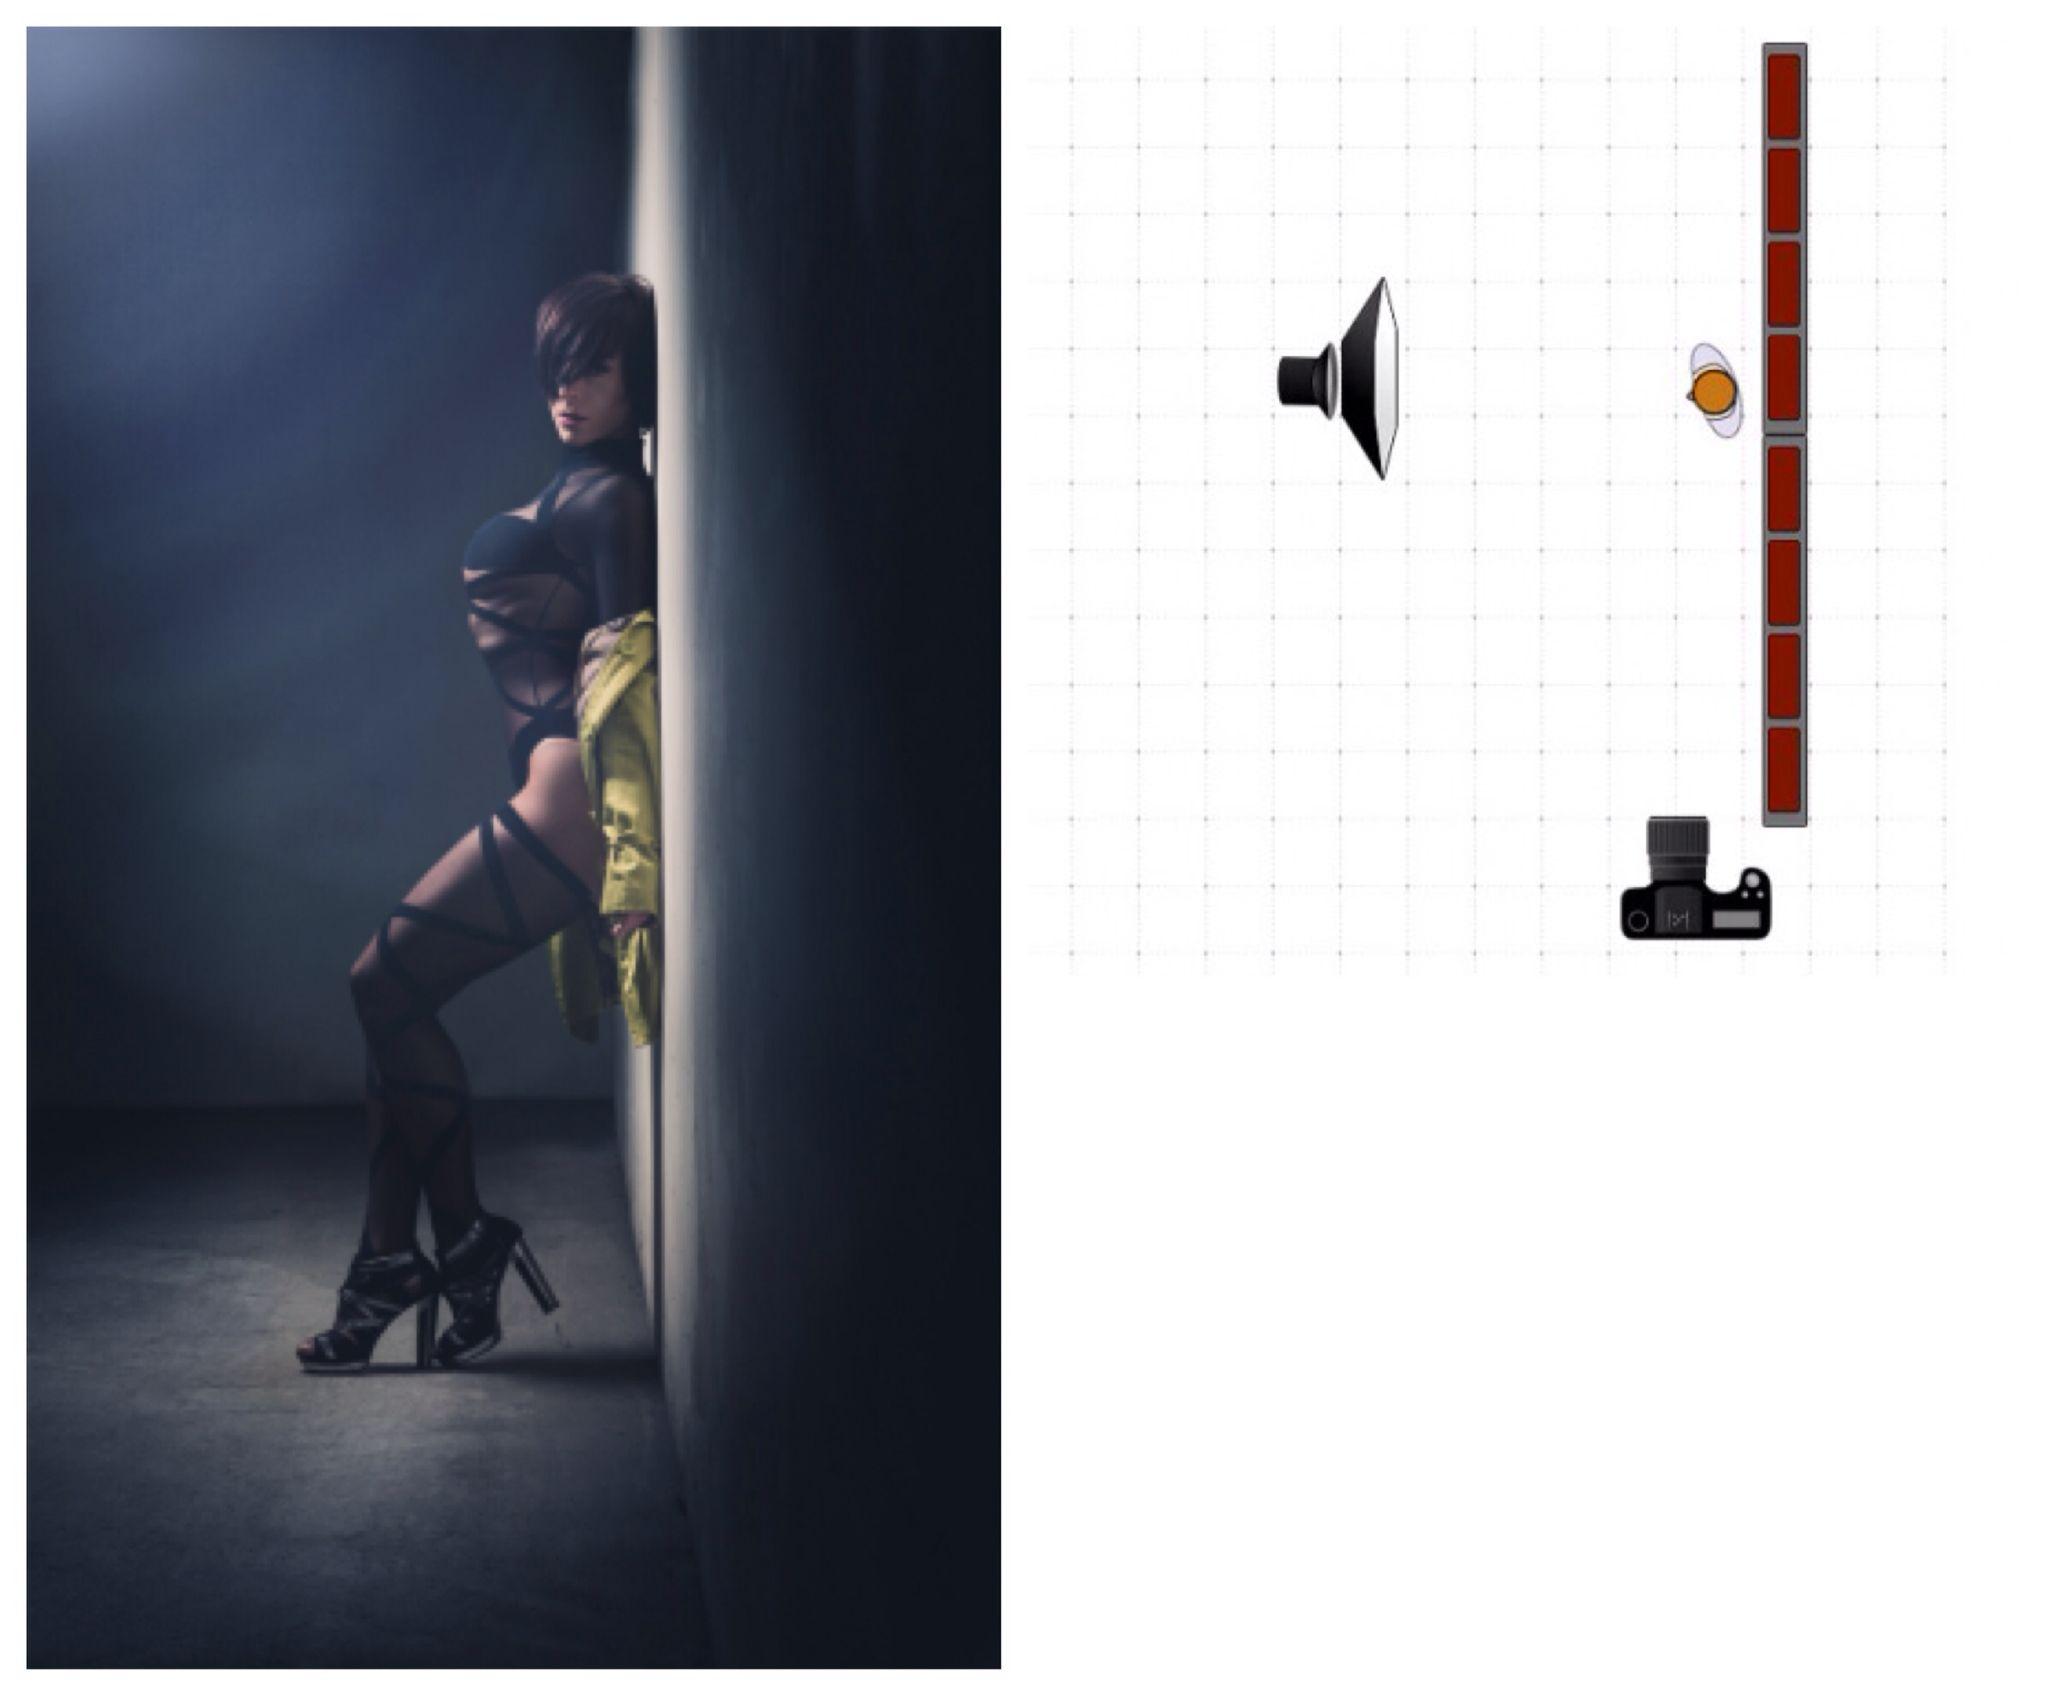 camera smart pd cameras lcd dorr light flash harrison lighting head studio